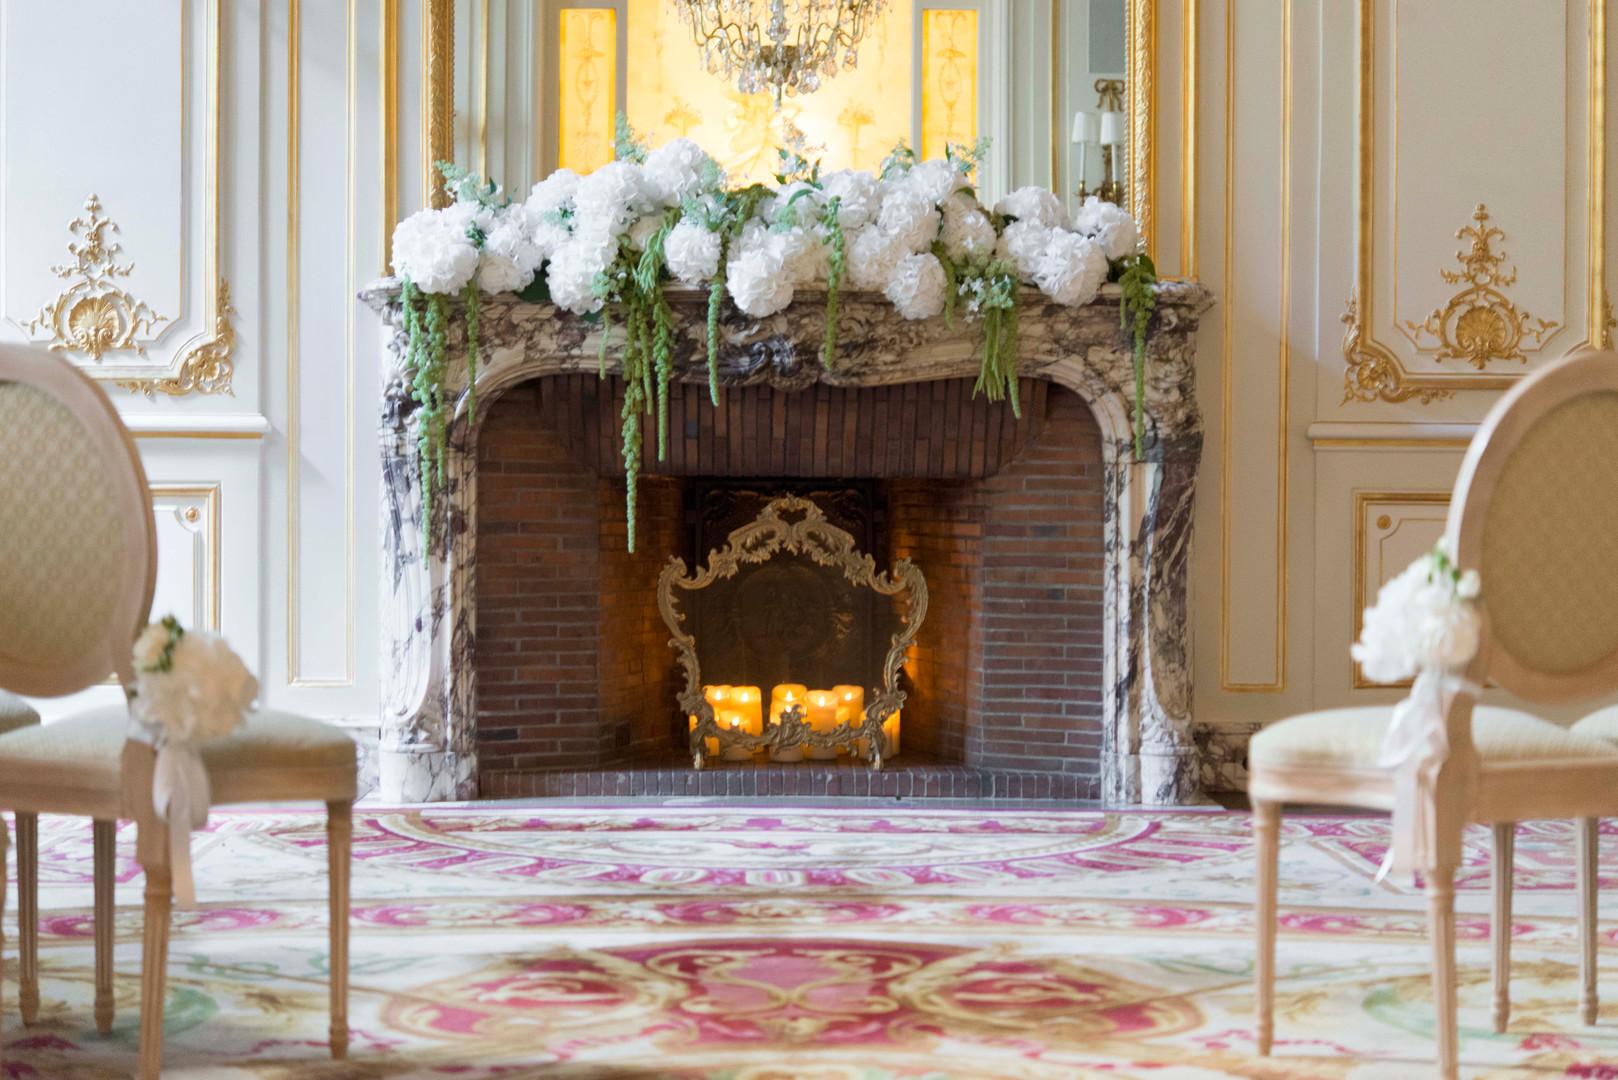 Anne-Vitchen-Createur-Floral-Mariage-Au-Ritz-Paris